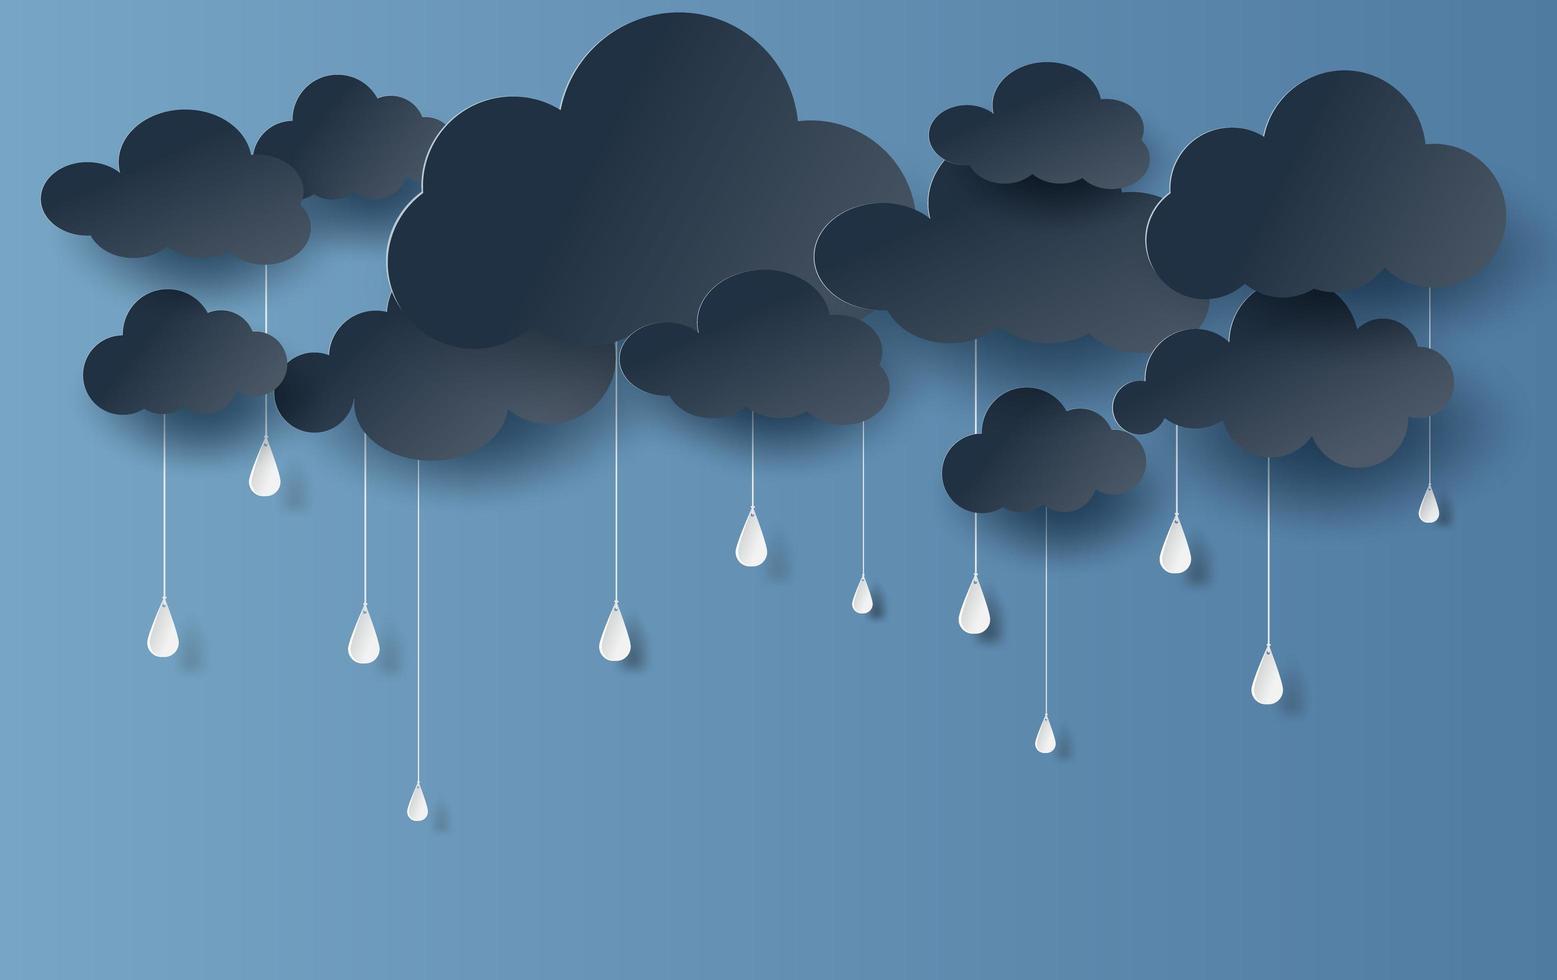 arte de papel y estilo artesanal nubes y fondo de banner de lluvia vector